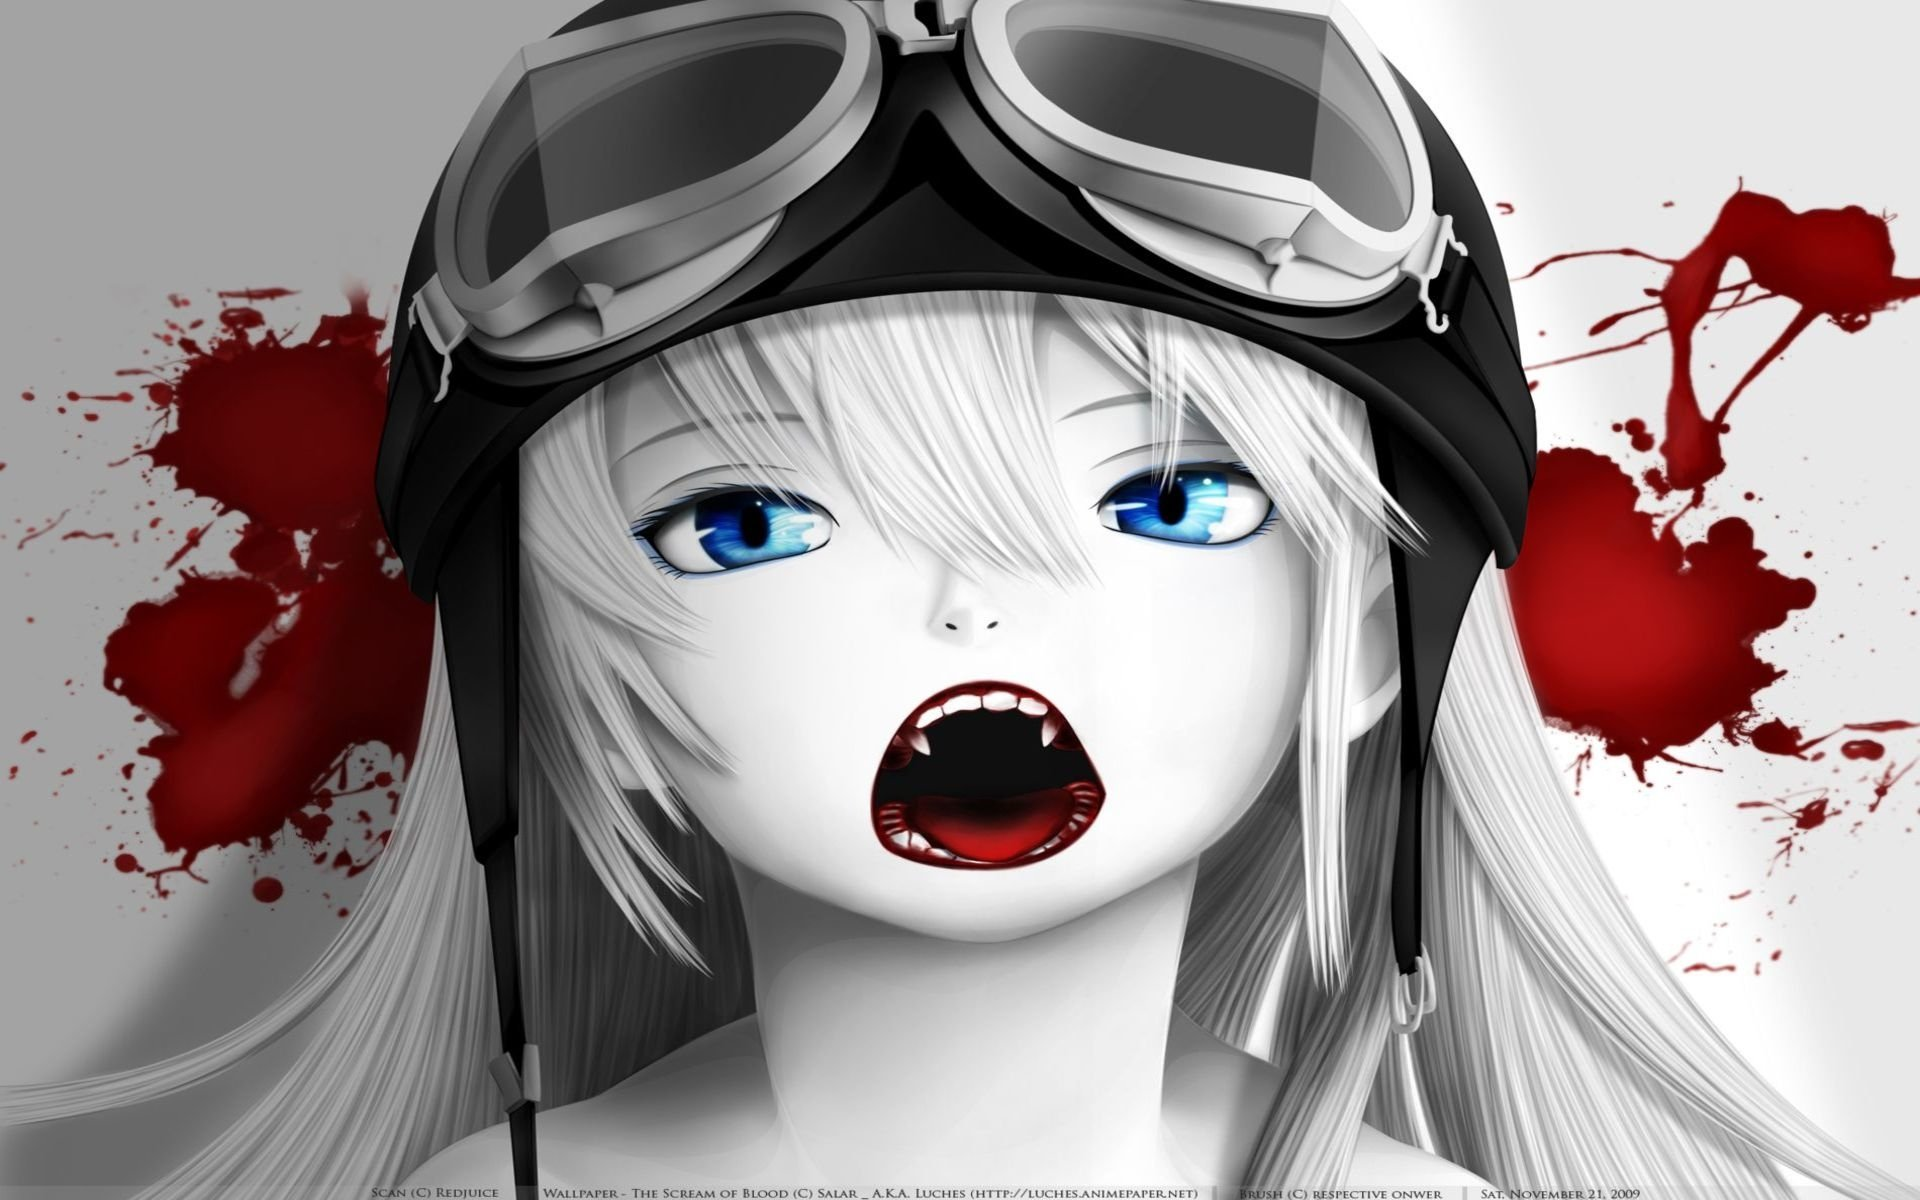 Art ID: 74322